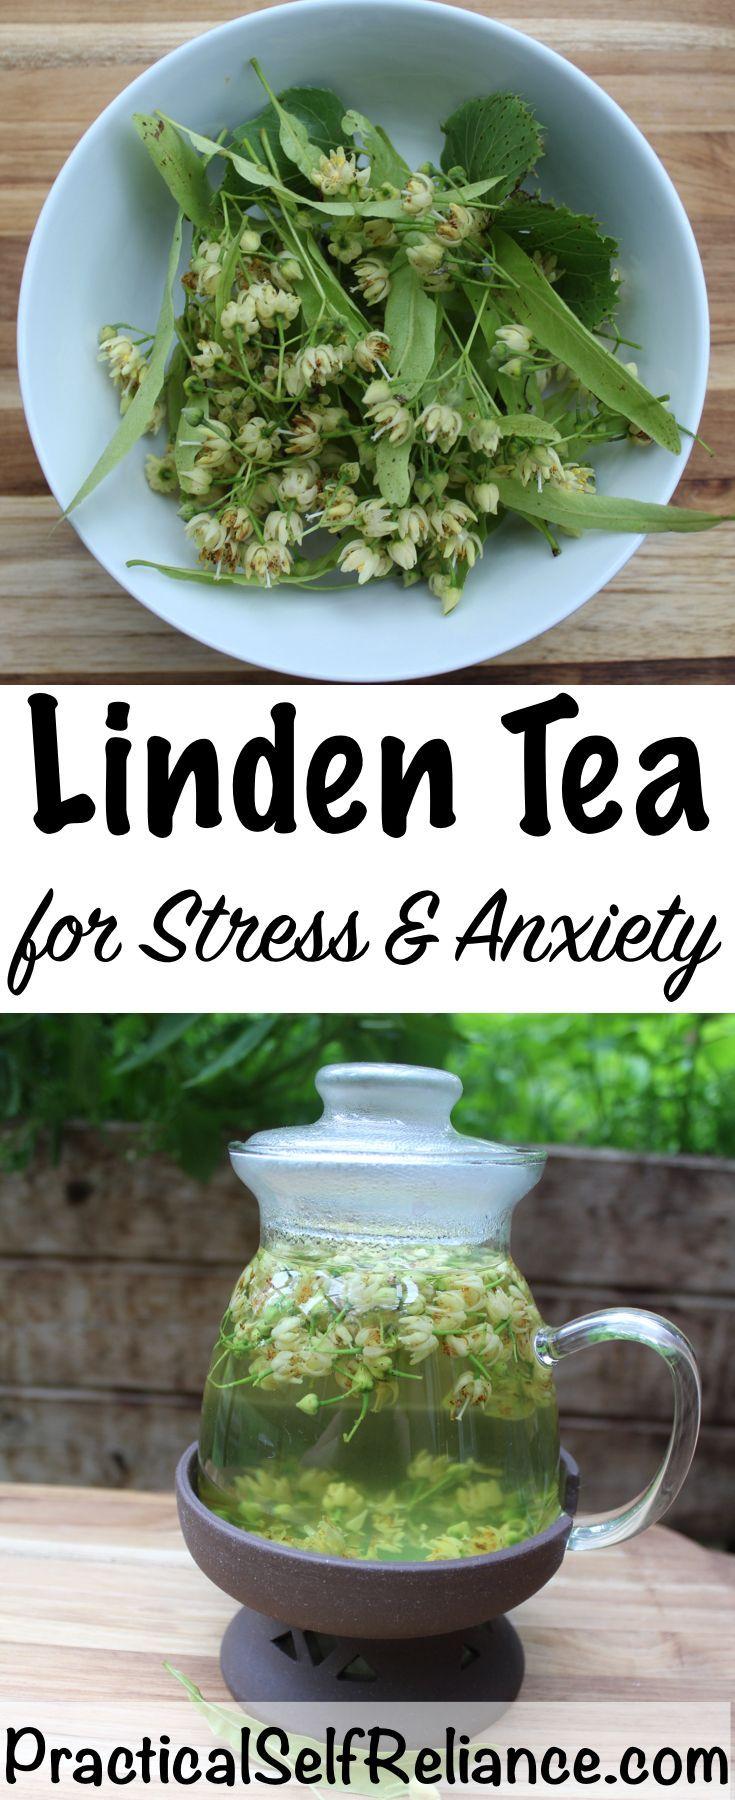 Linden tea medicinal benefits in 2020 herbal teas